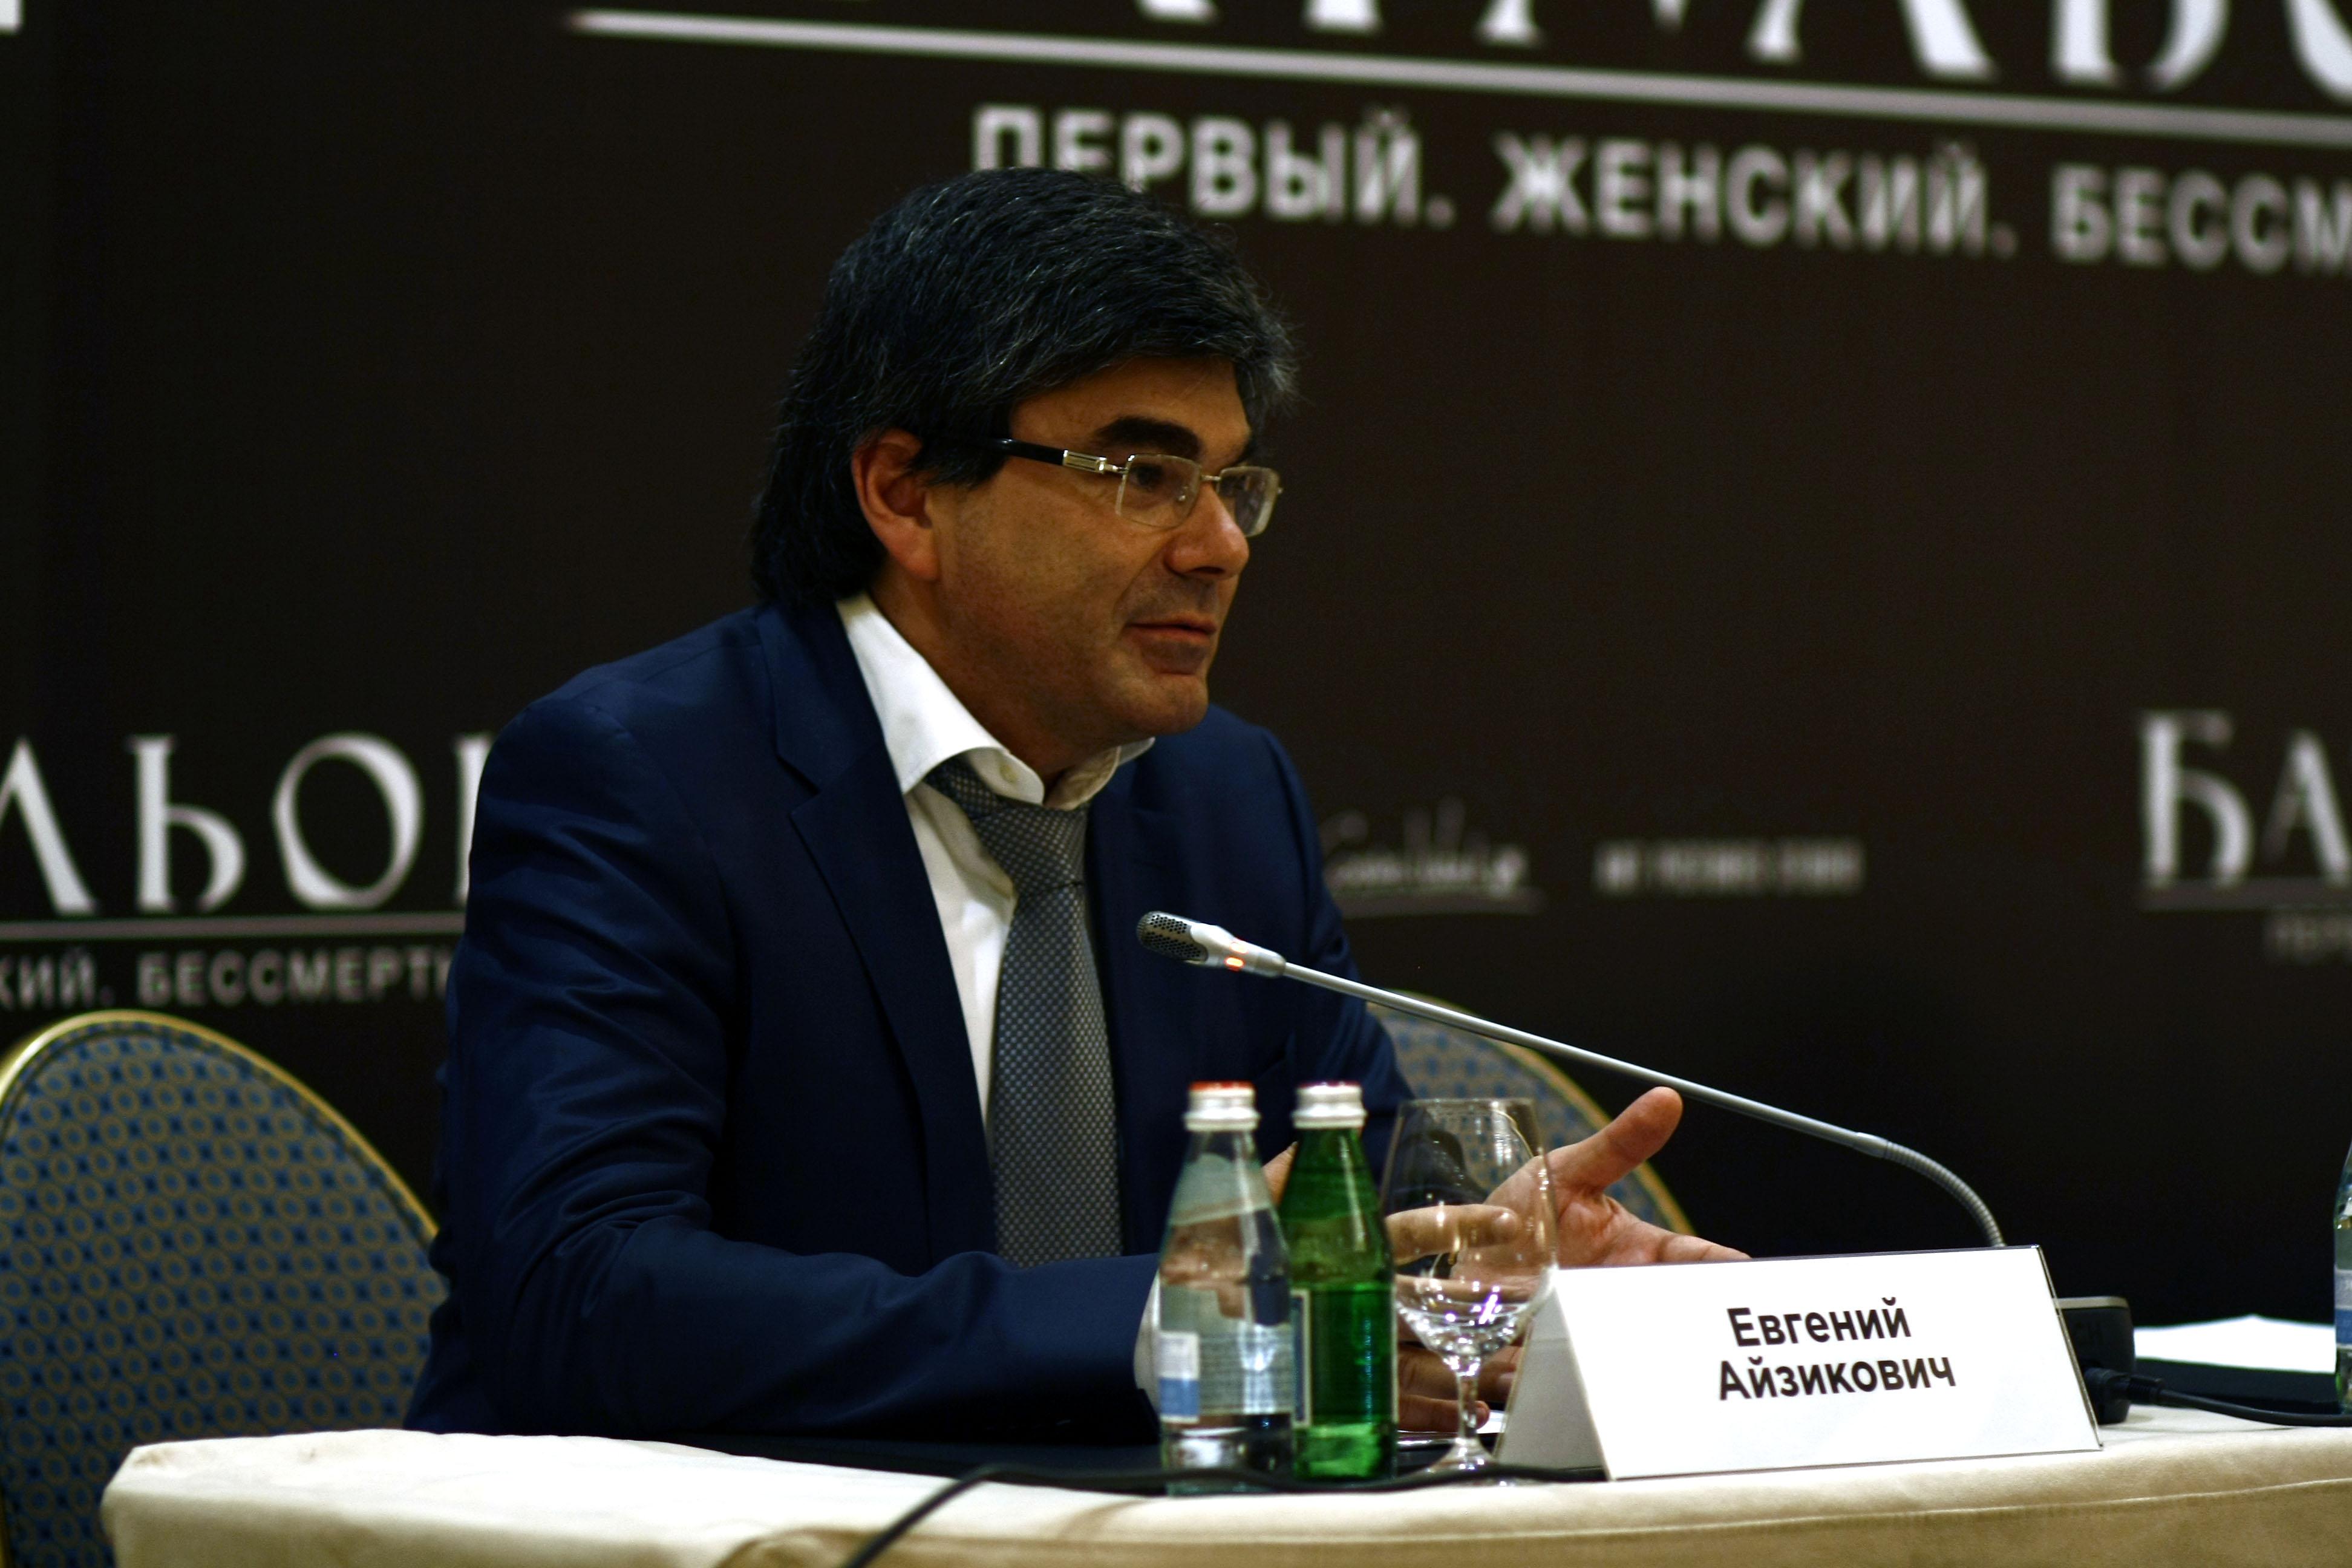 Евгений Айзикович